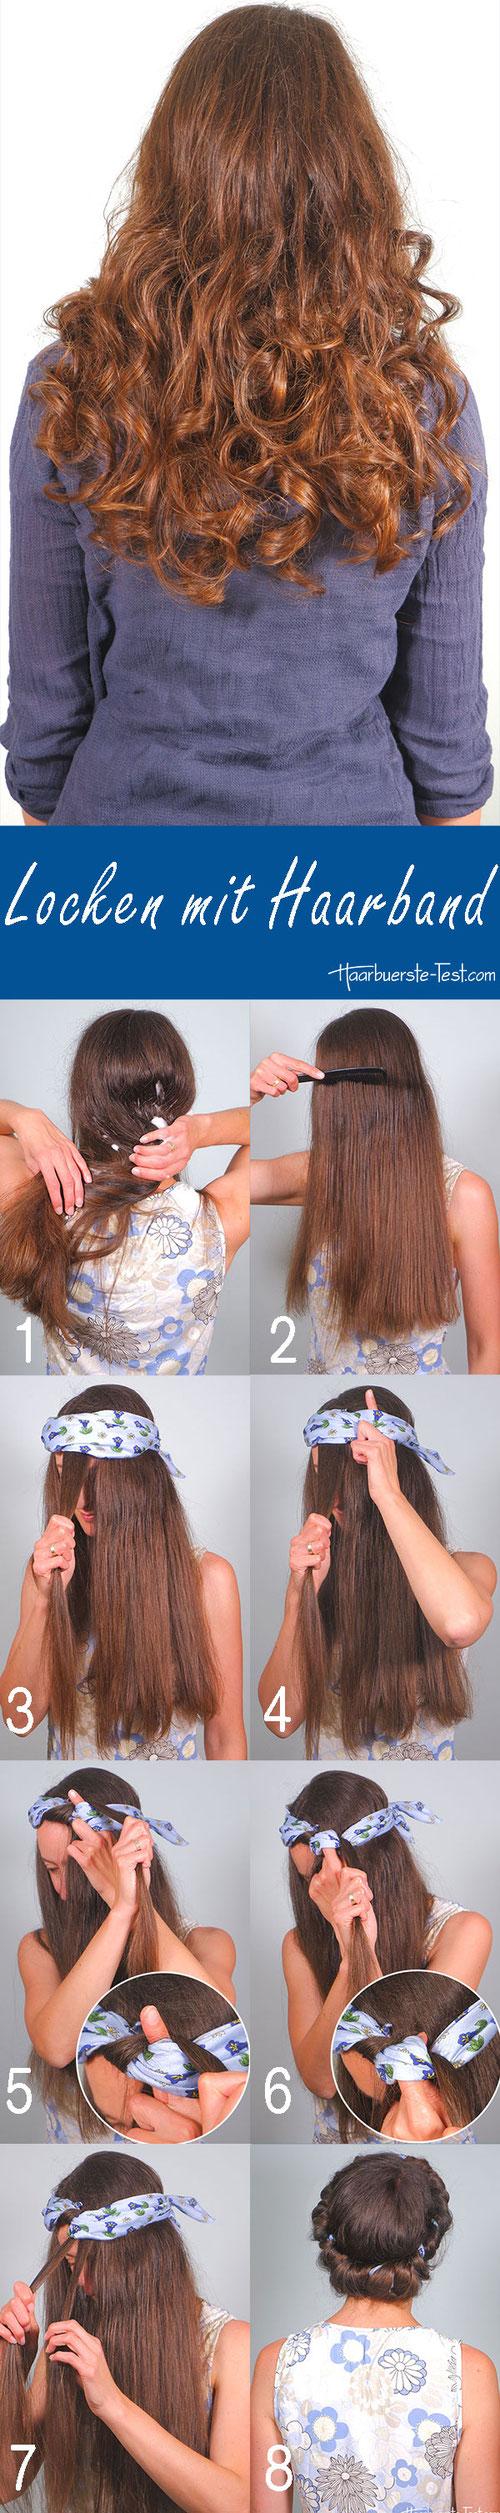 Locken mit Haarband, Locken mit Haarband Anleitung, Locken über Nacht